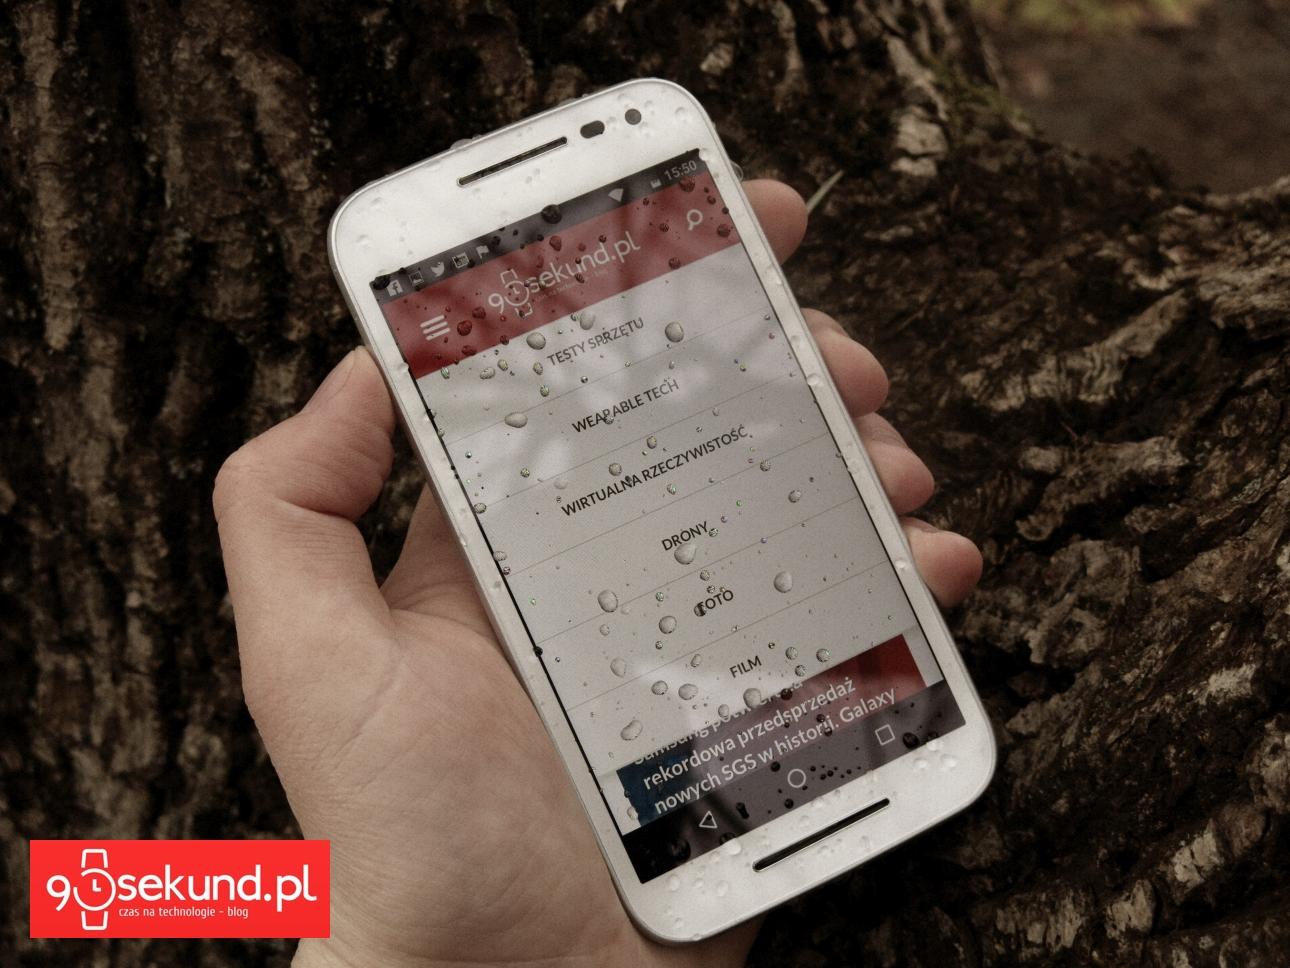 Lenovo Motorola Moto G 3-gen. (2015) - 90sekund.pl